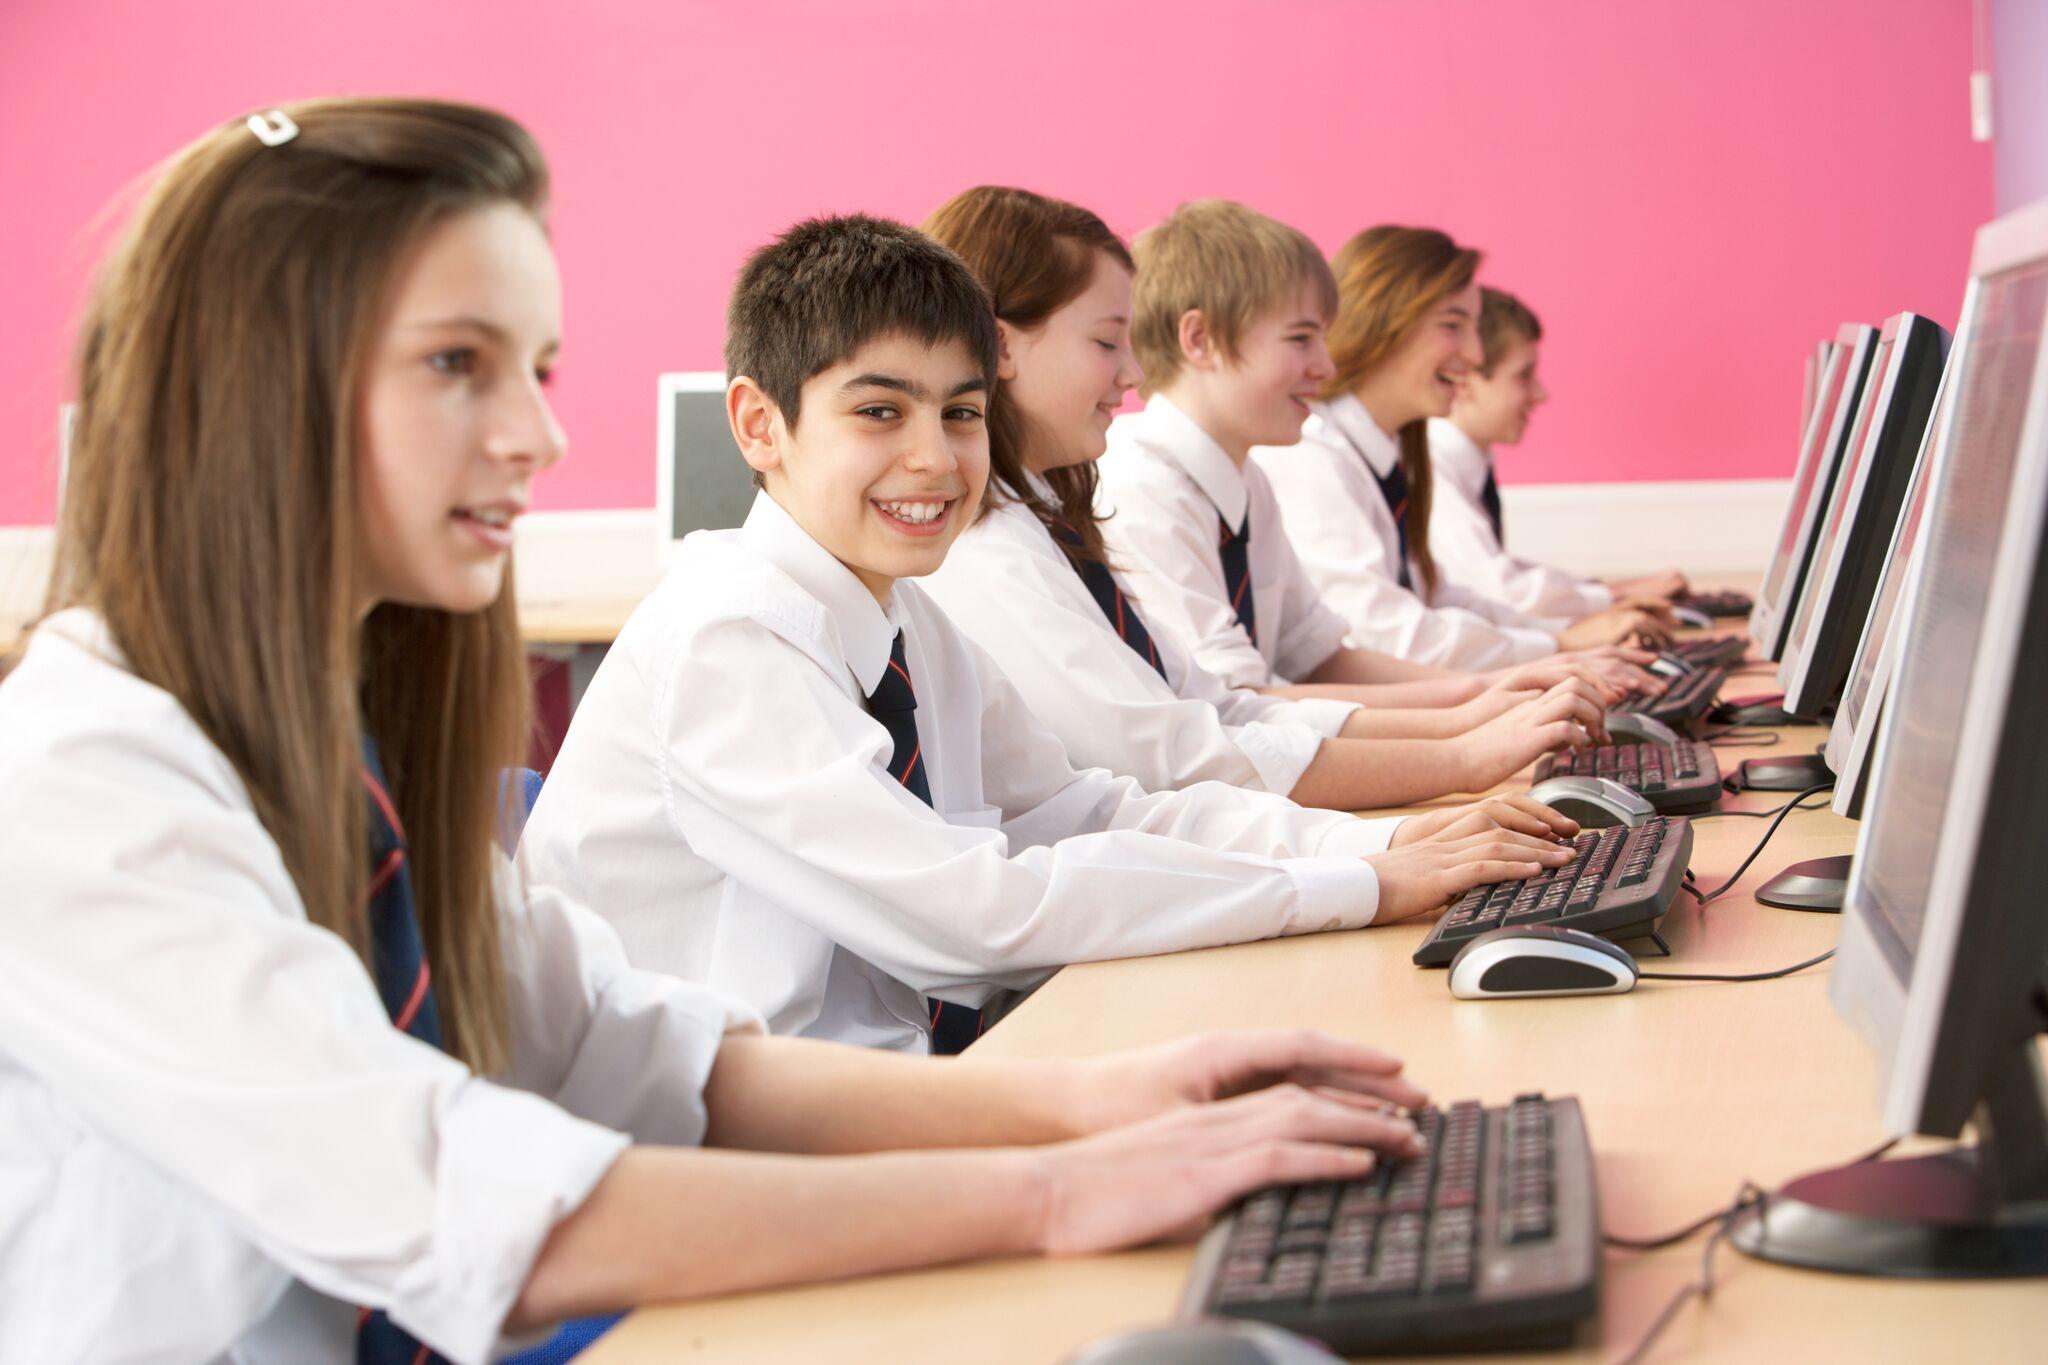 Дистанционное обучение школьников в украине бесплатно скачать программу обучения слепому методу печати